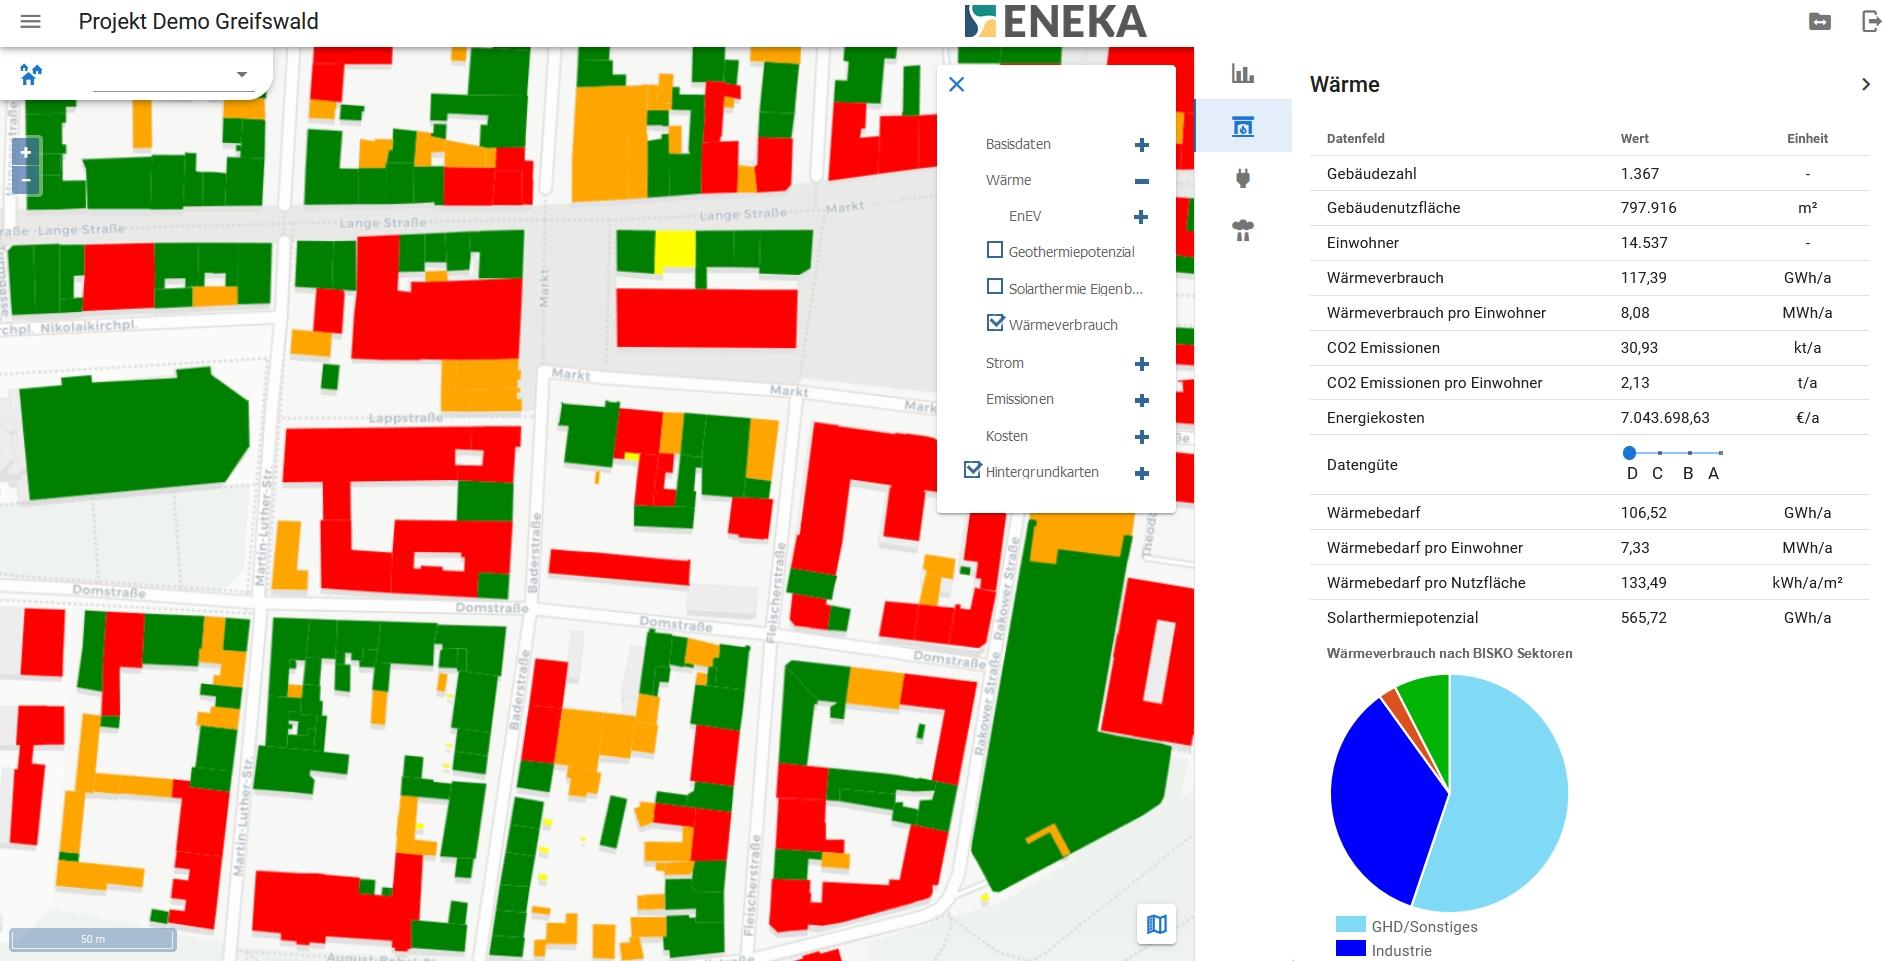 Greifswald Karte Energie Wärmebedarf